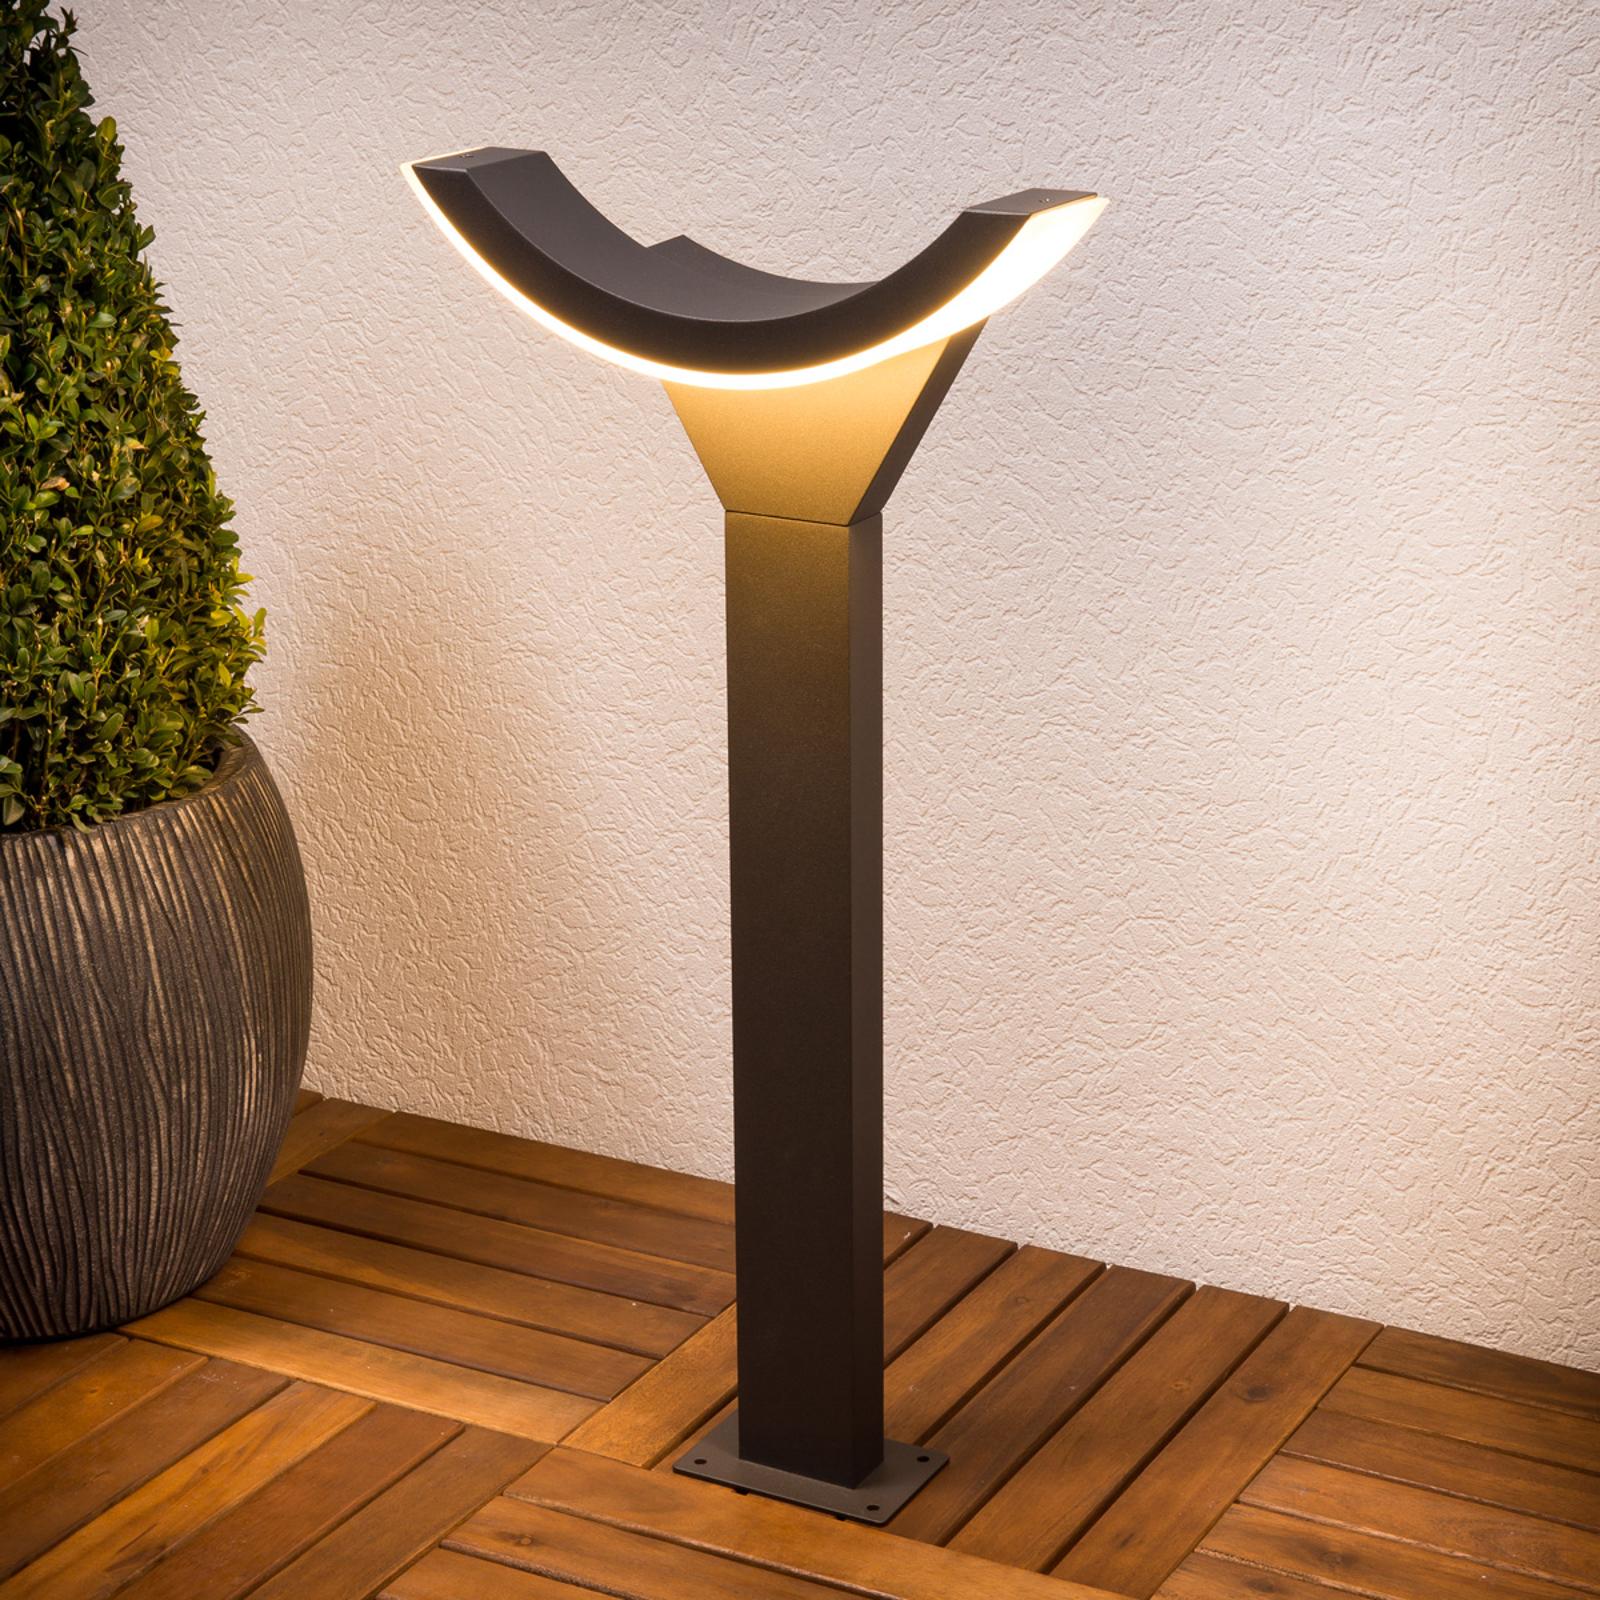 Tyylikäs Half-LED-pylväsvalaisin